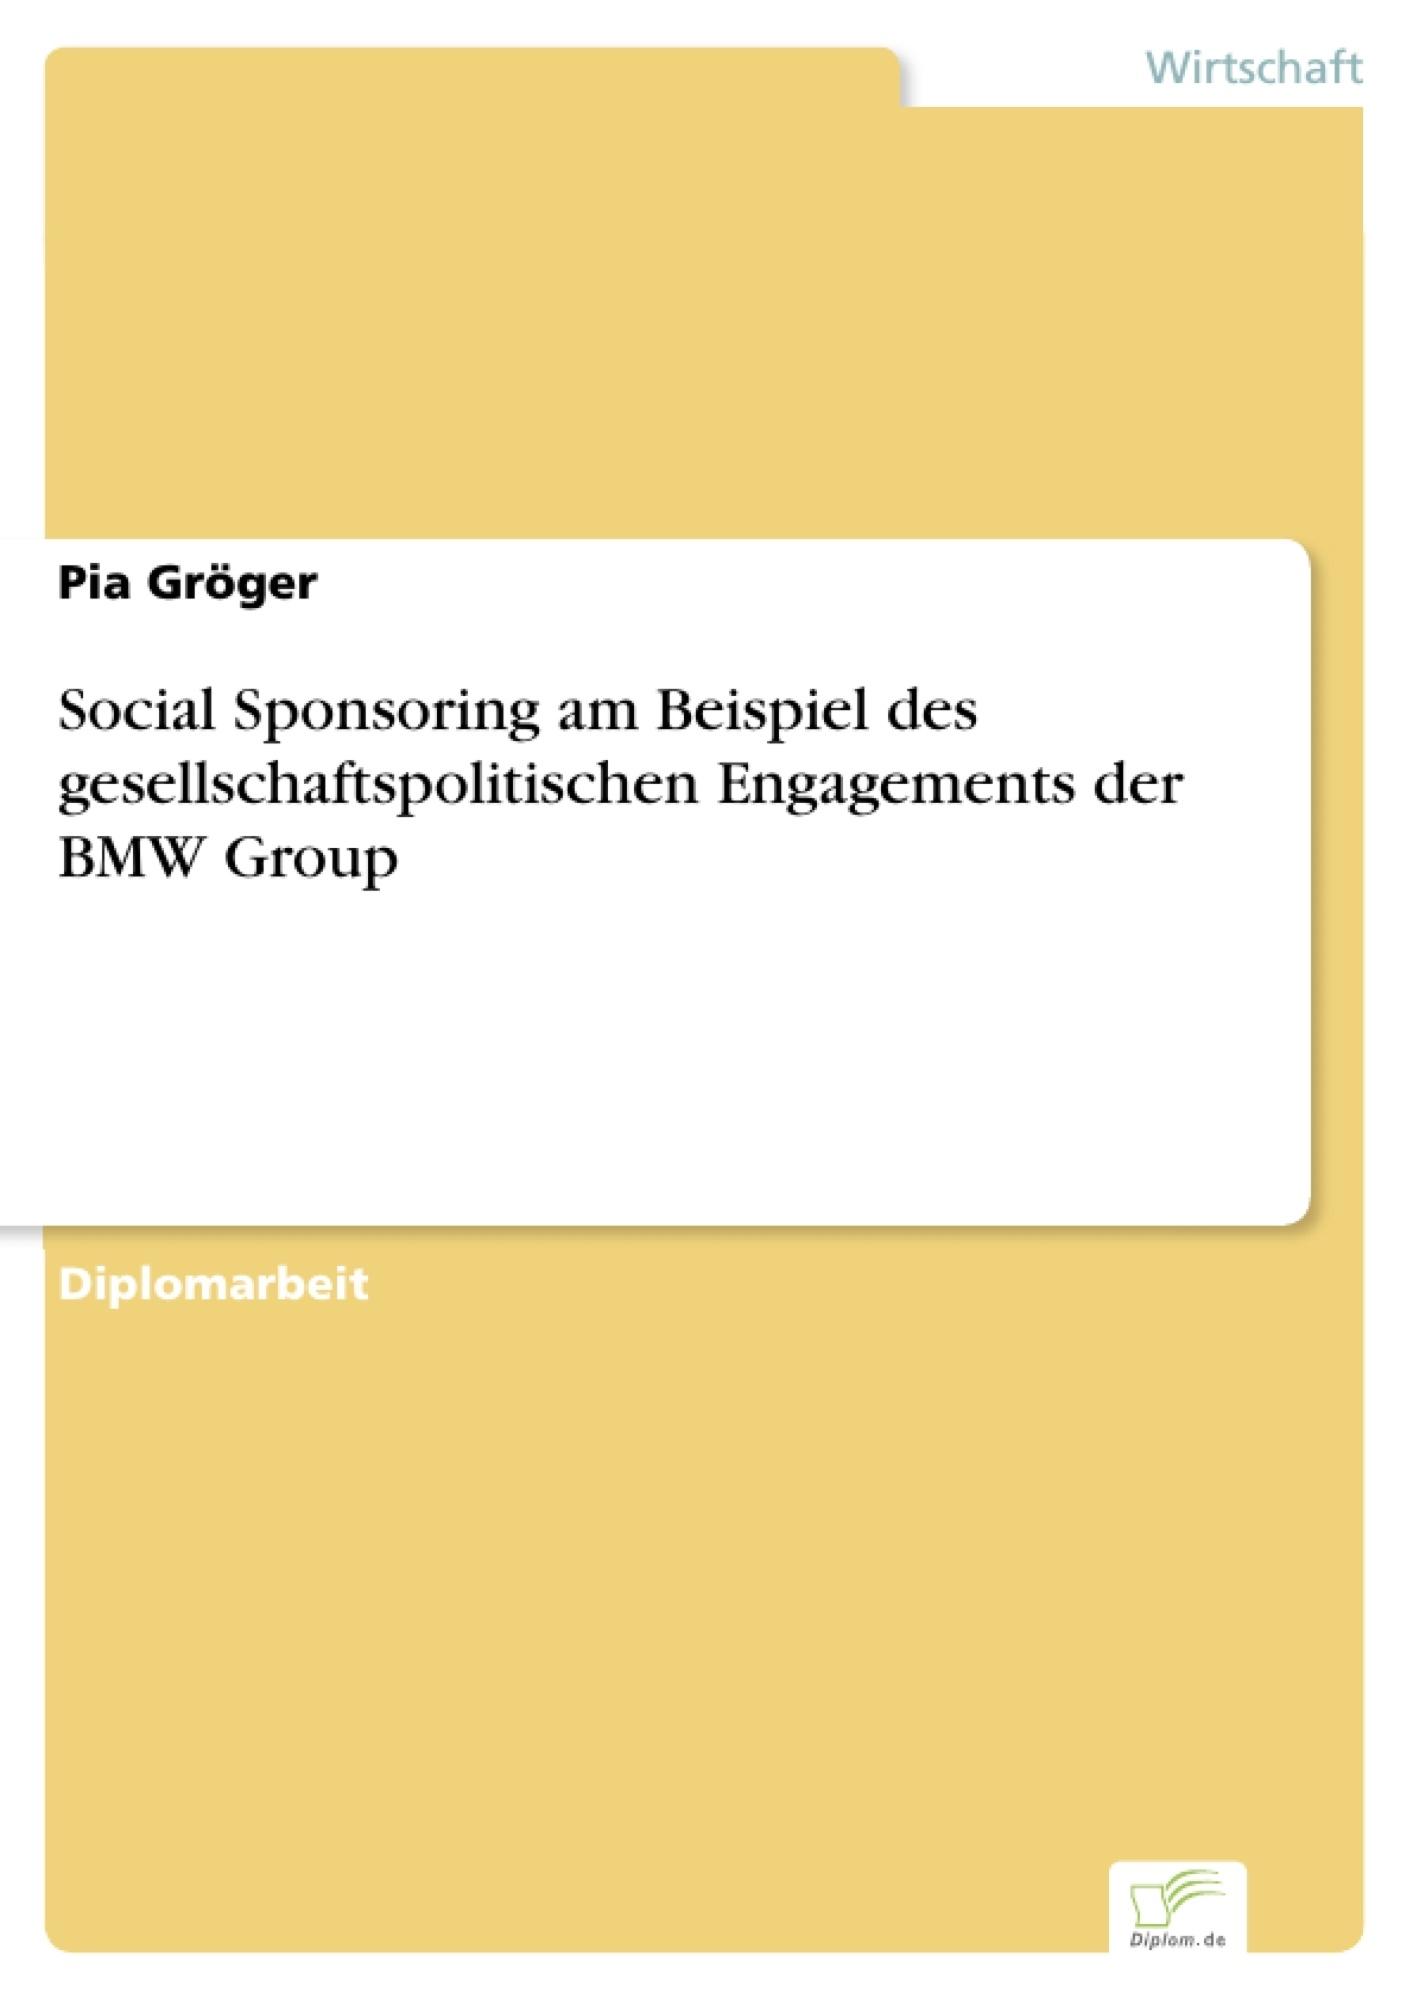 Social Sponsoring am Beispiel des gesellschaftspolitischen ...